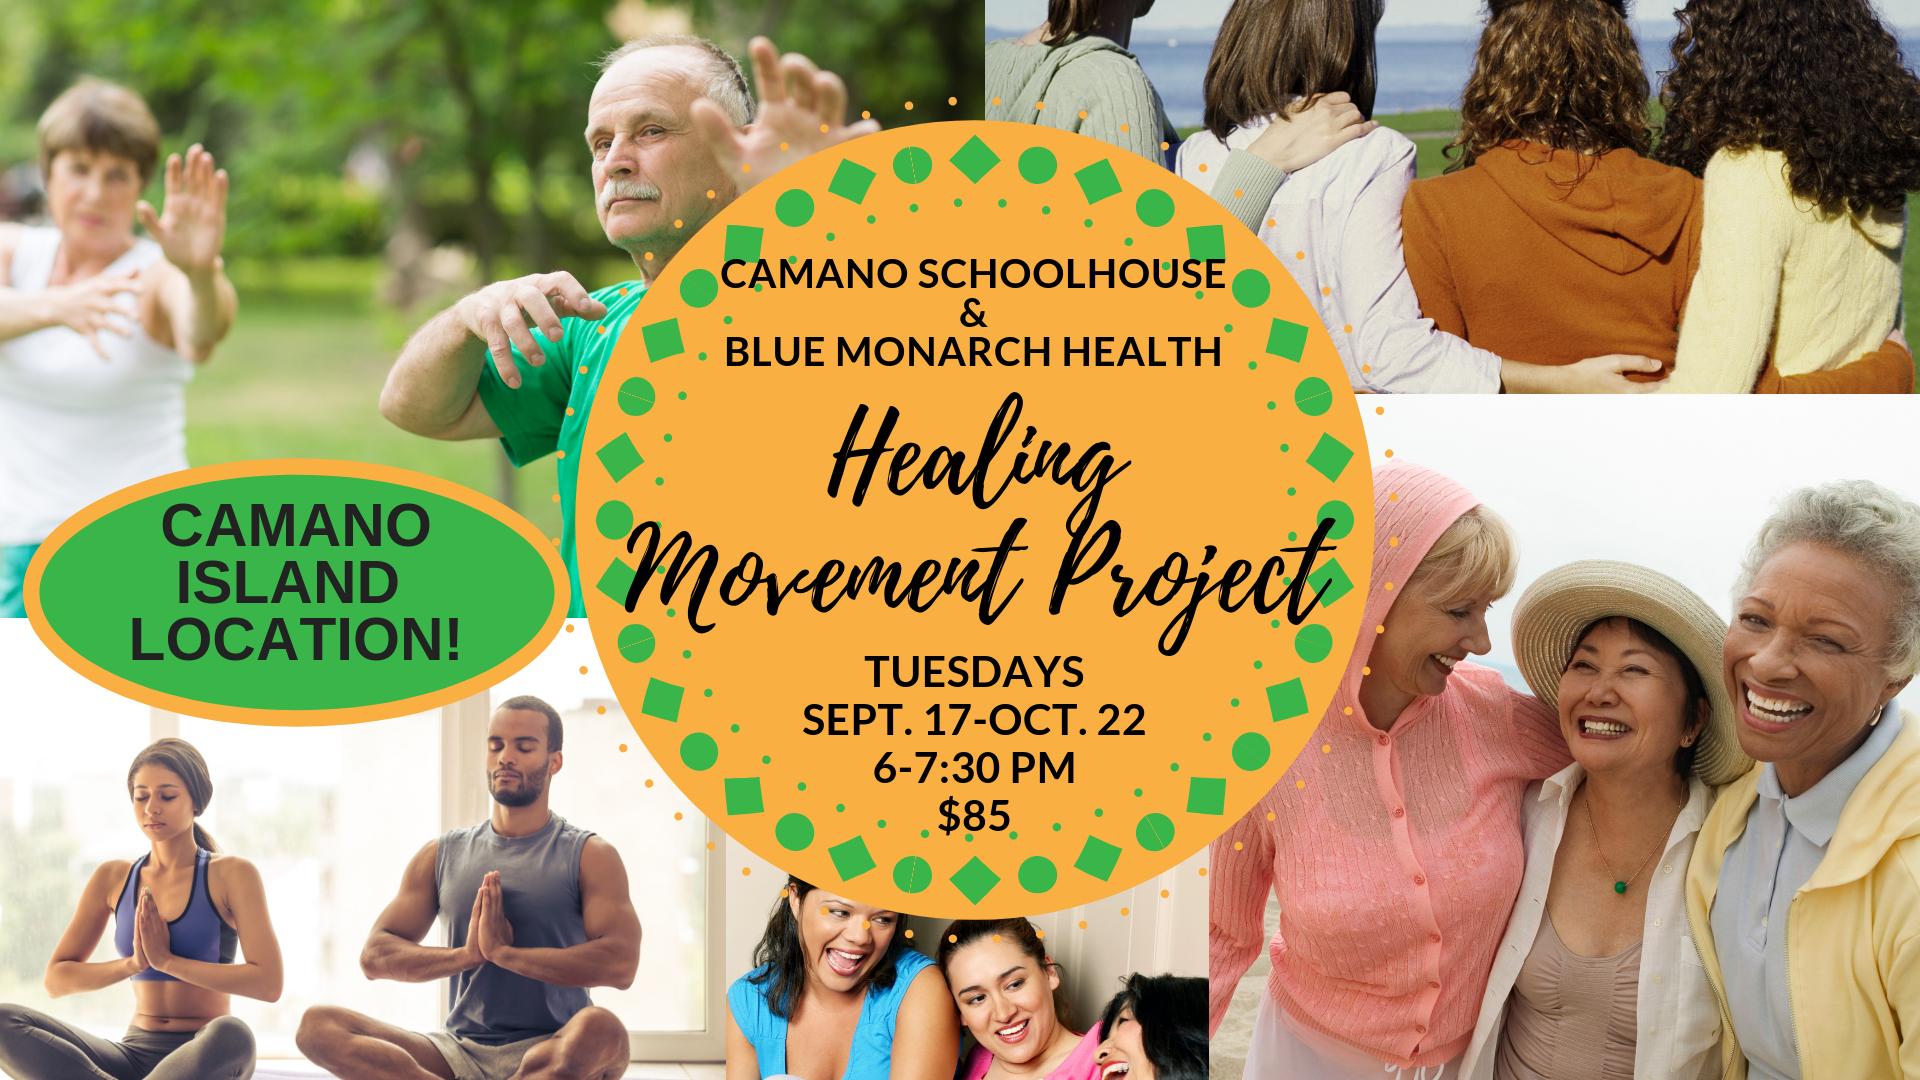 Healing Movement Project Camano.png